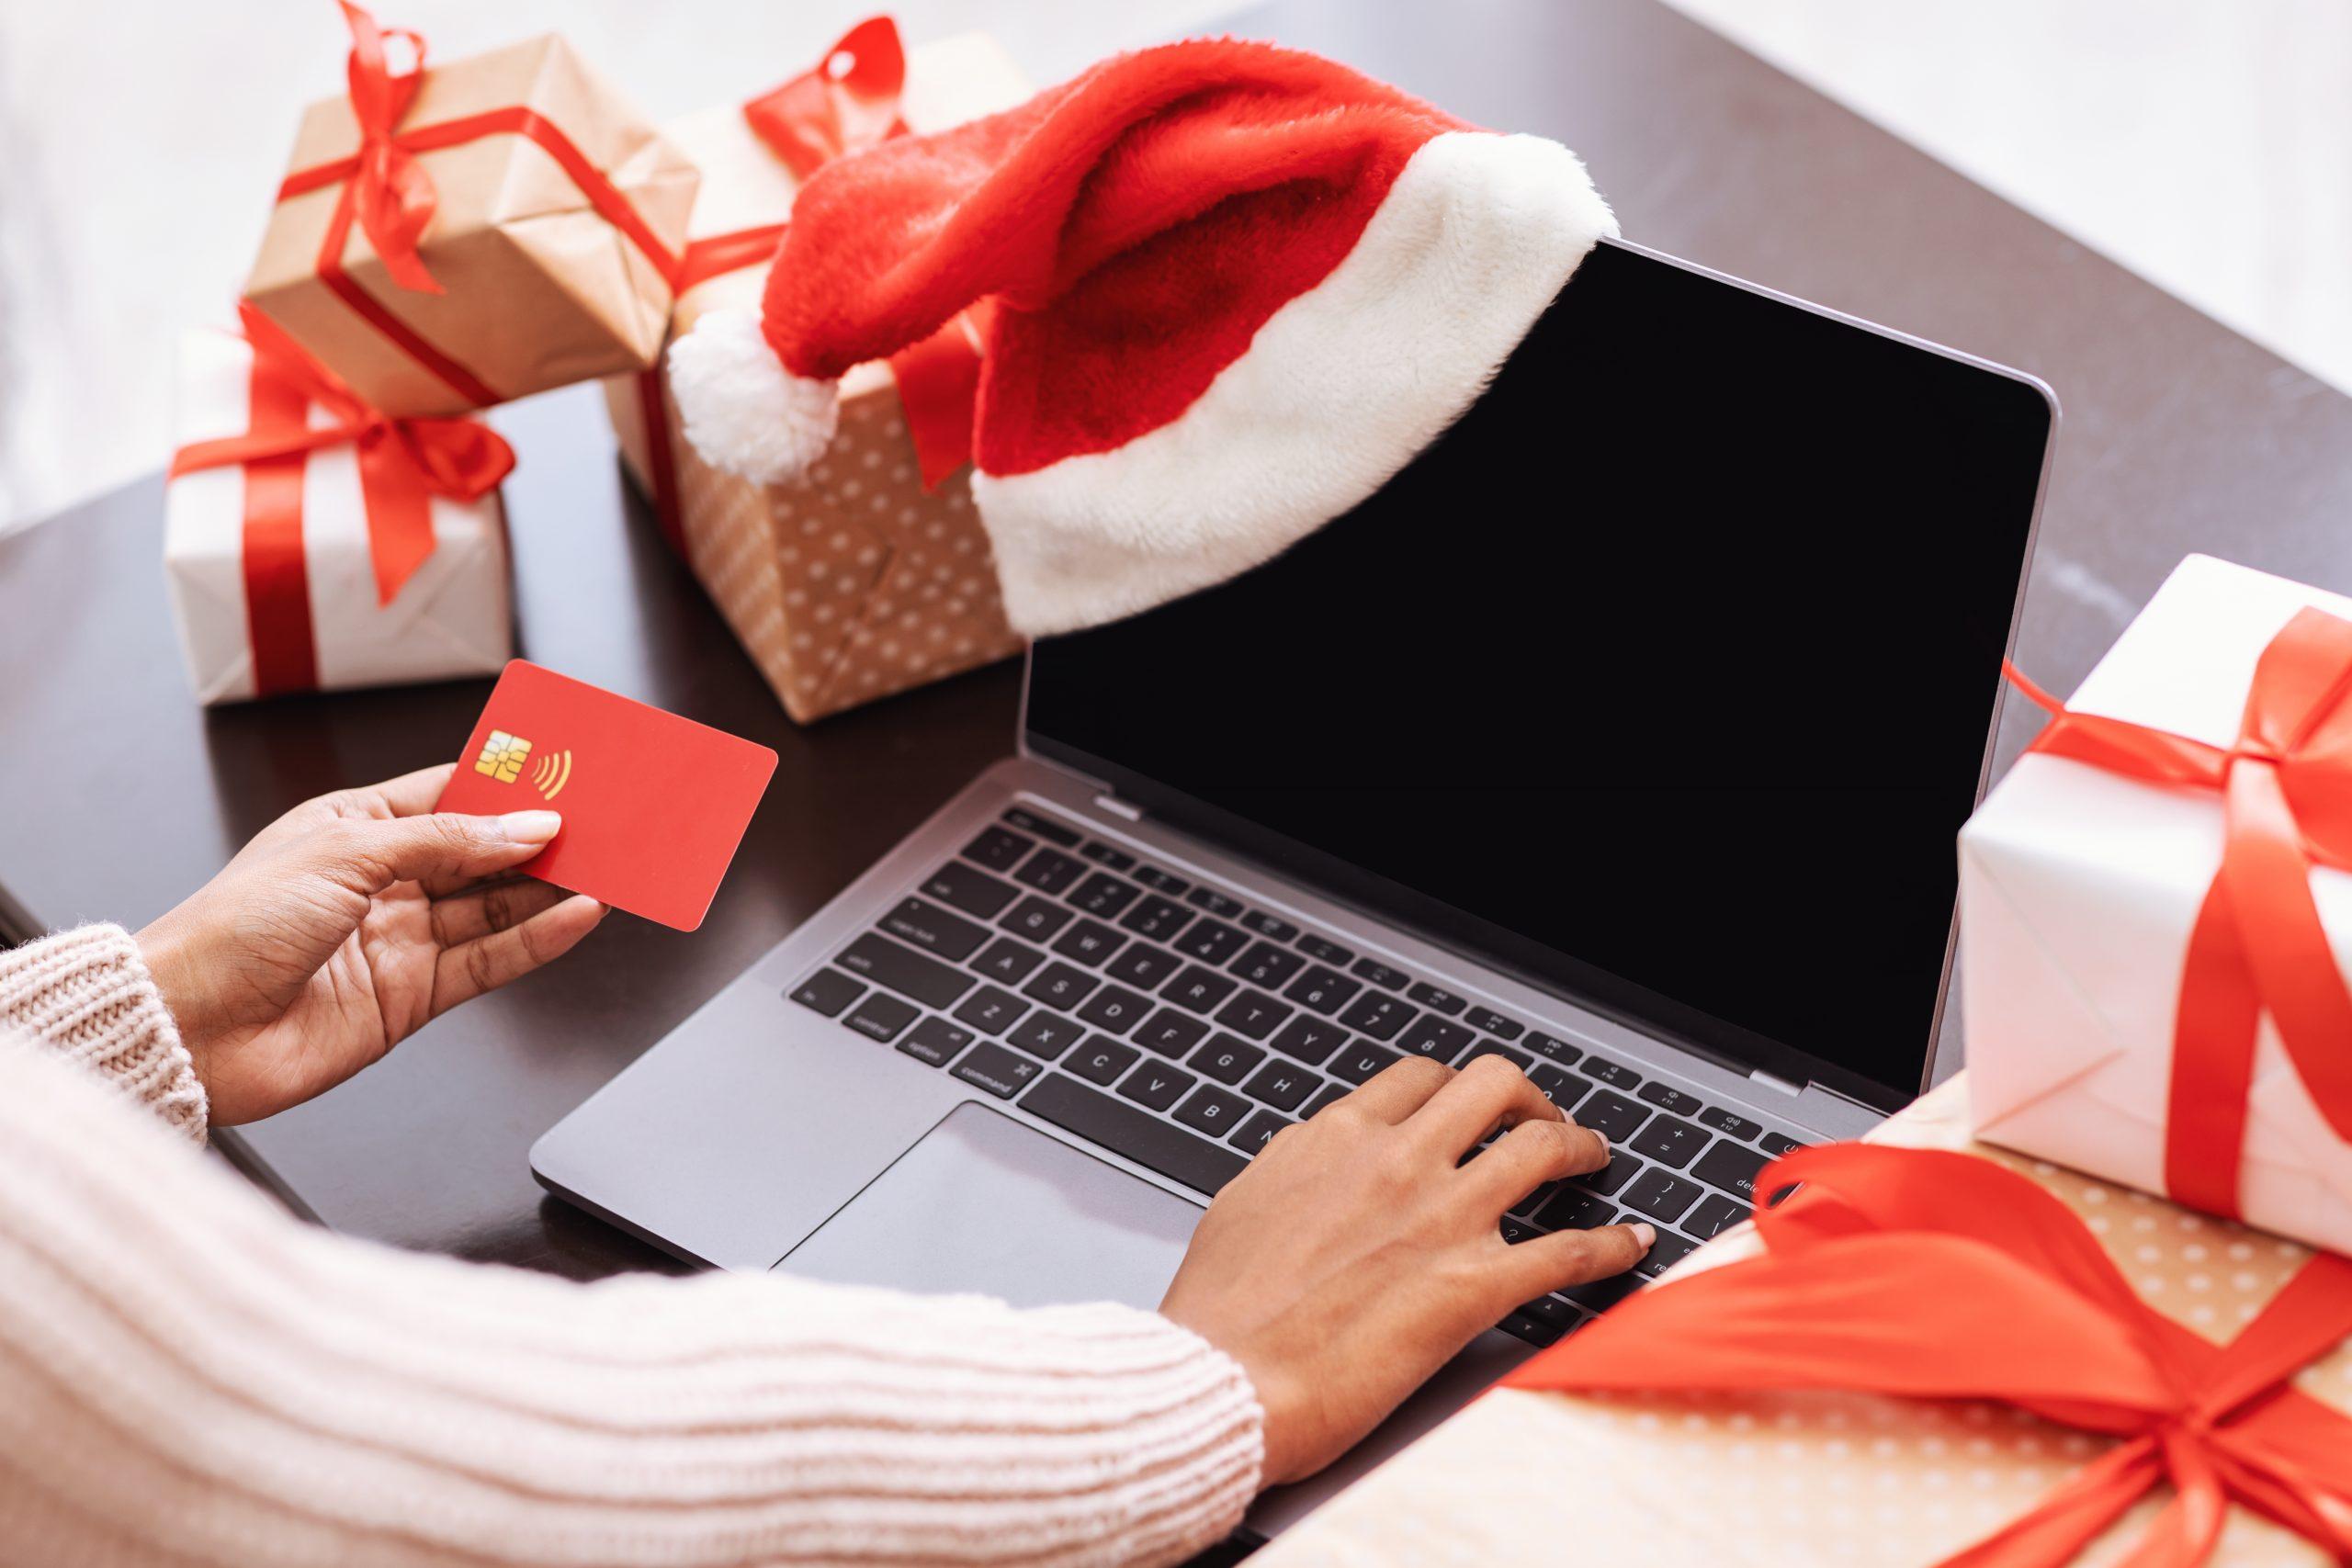 xmas shopping black lady using laptop and credit c 4J9E3KT scaled